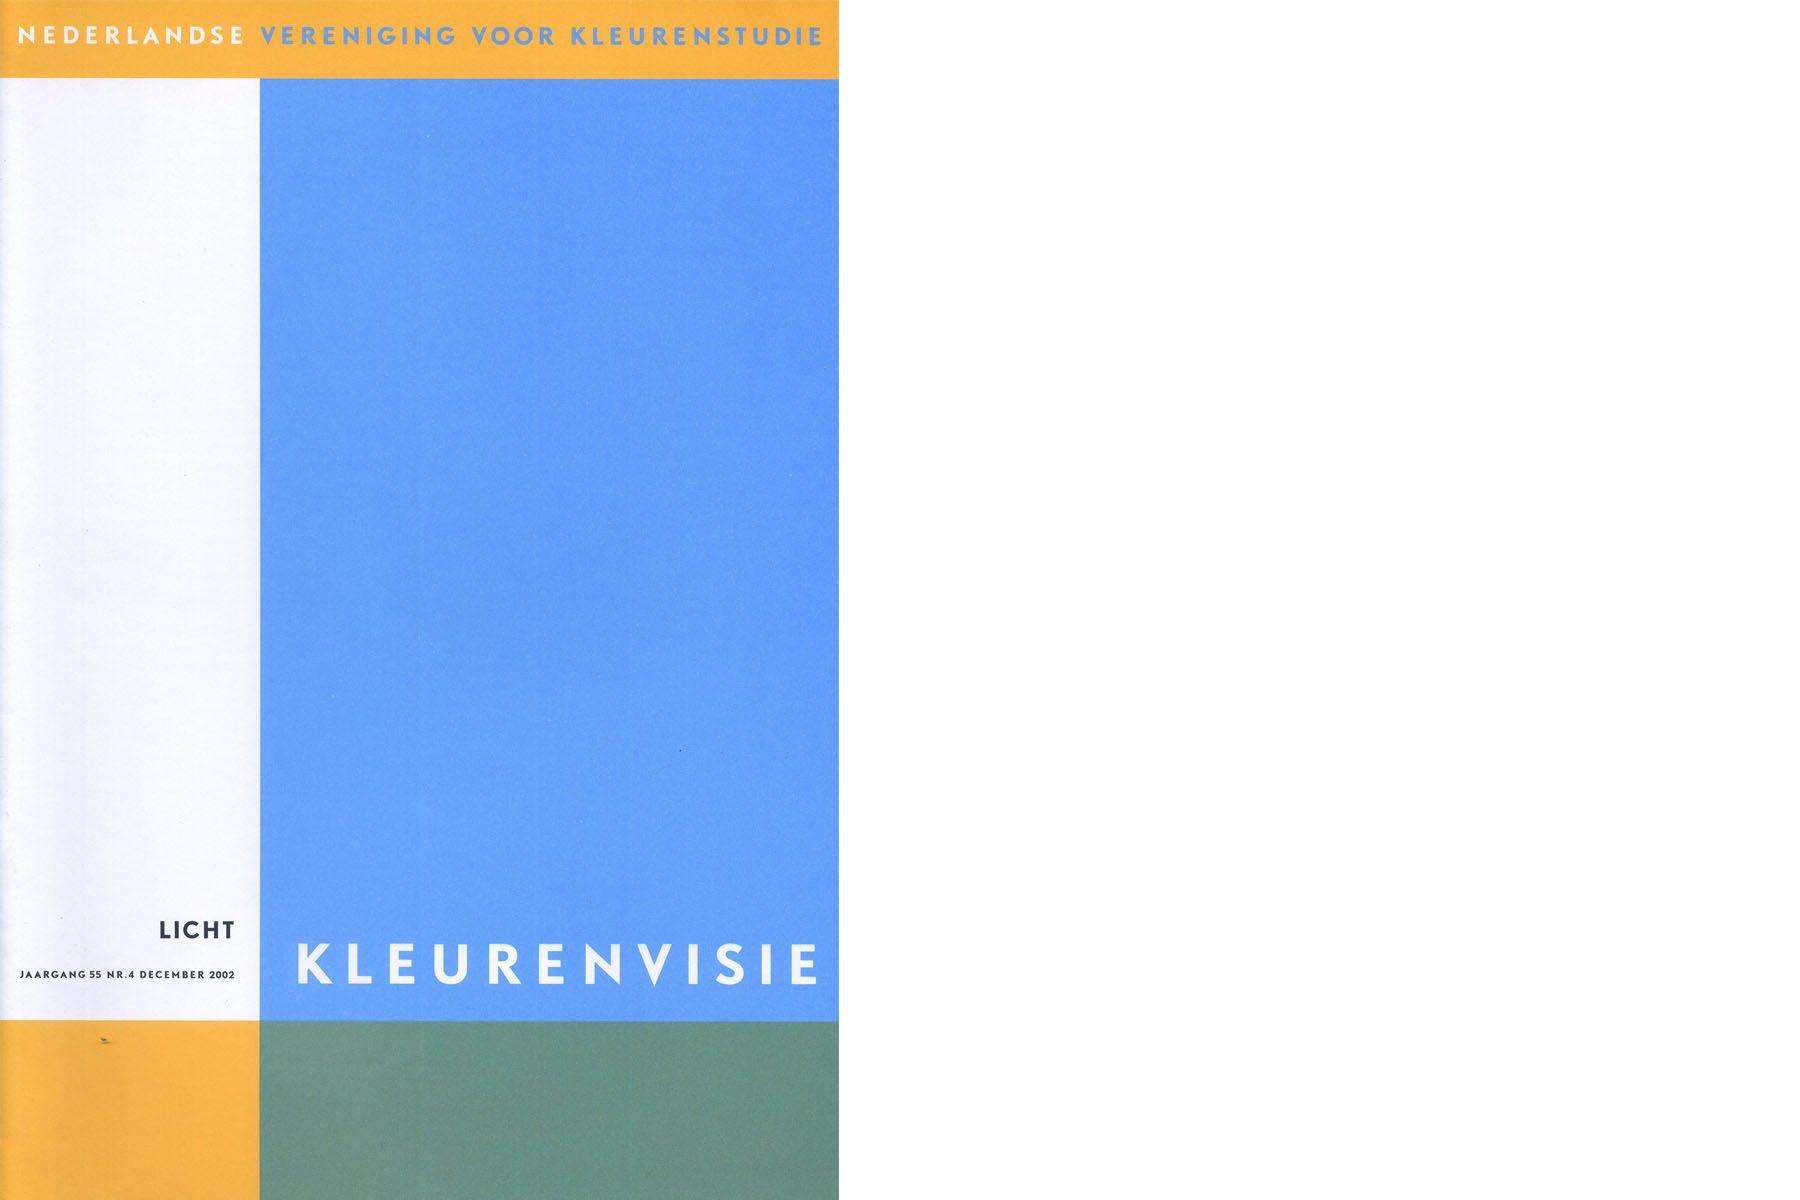 Vereniging van kleur - Nederlandse vereniging voor kleurenstudie